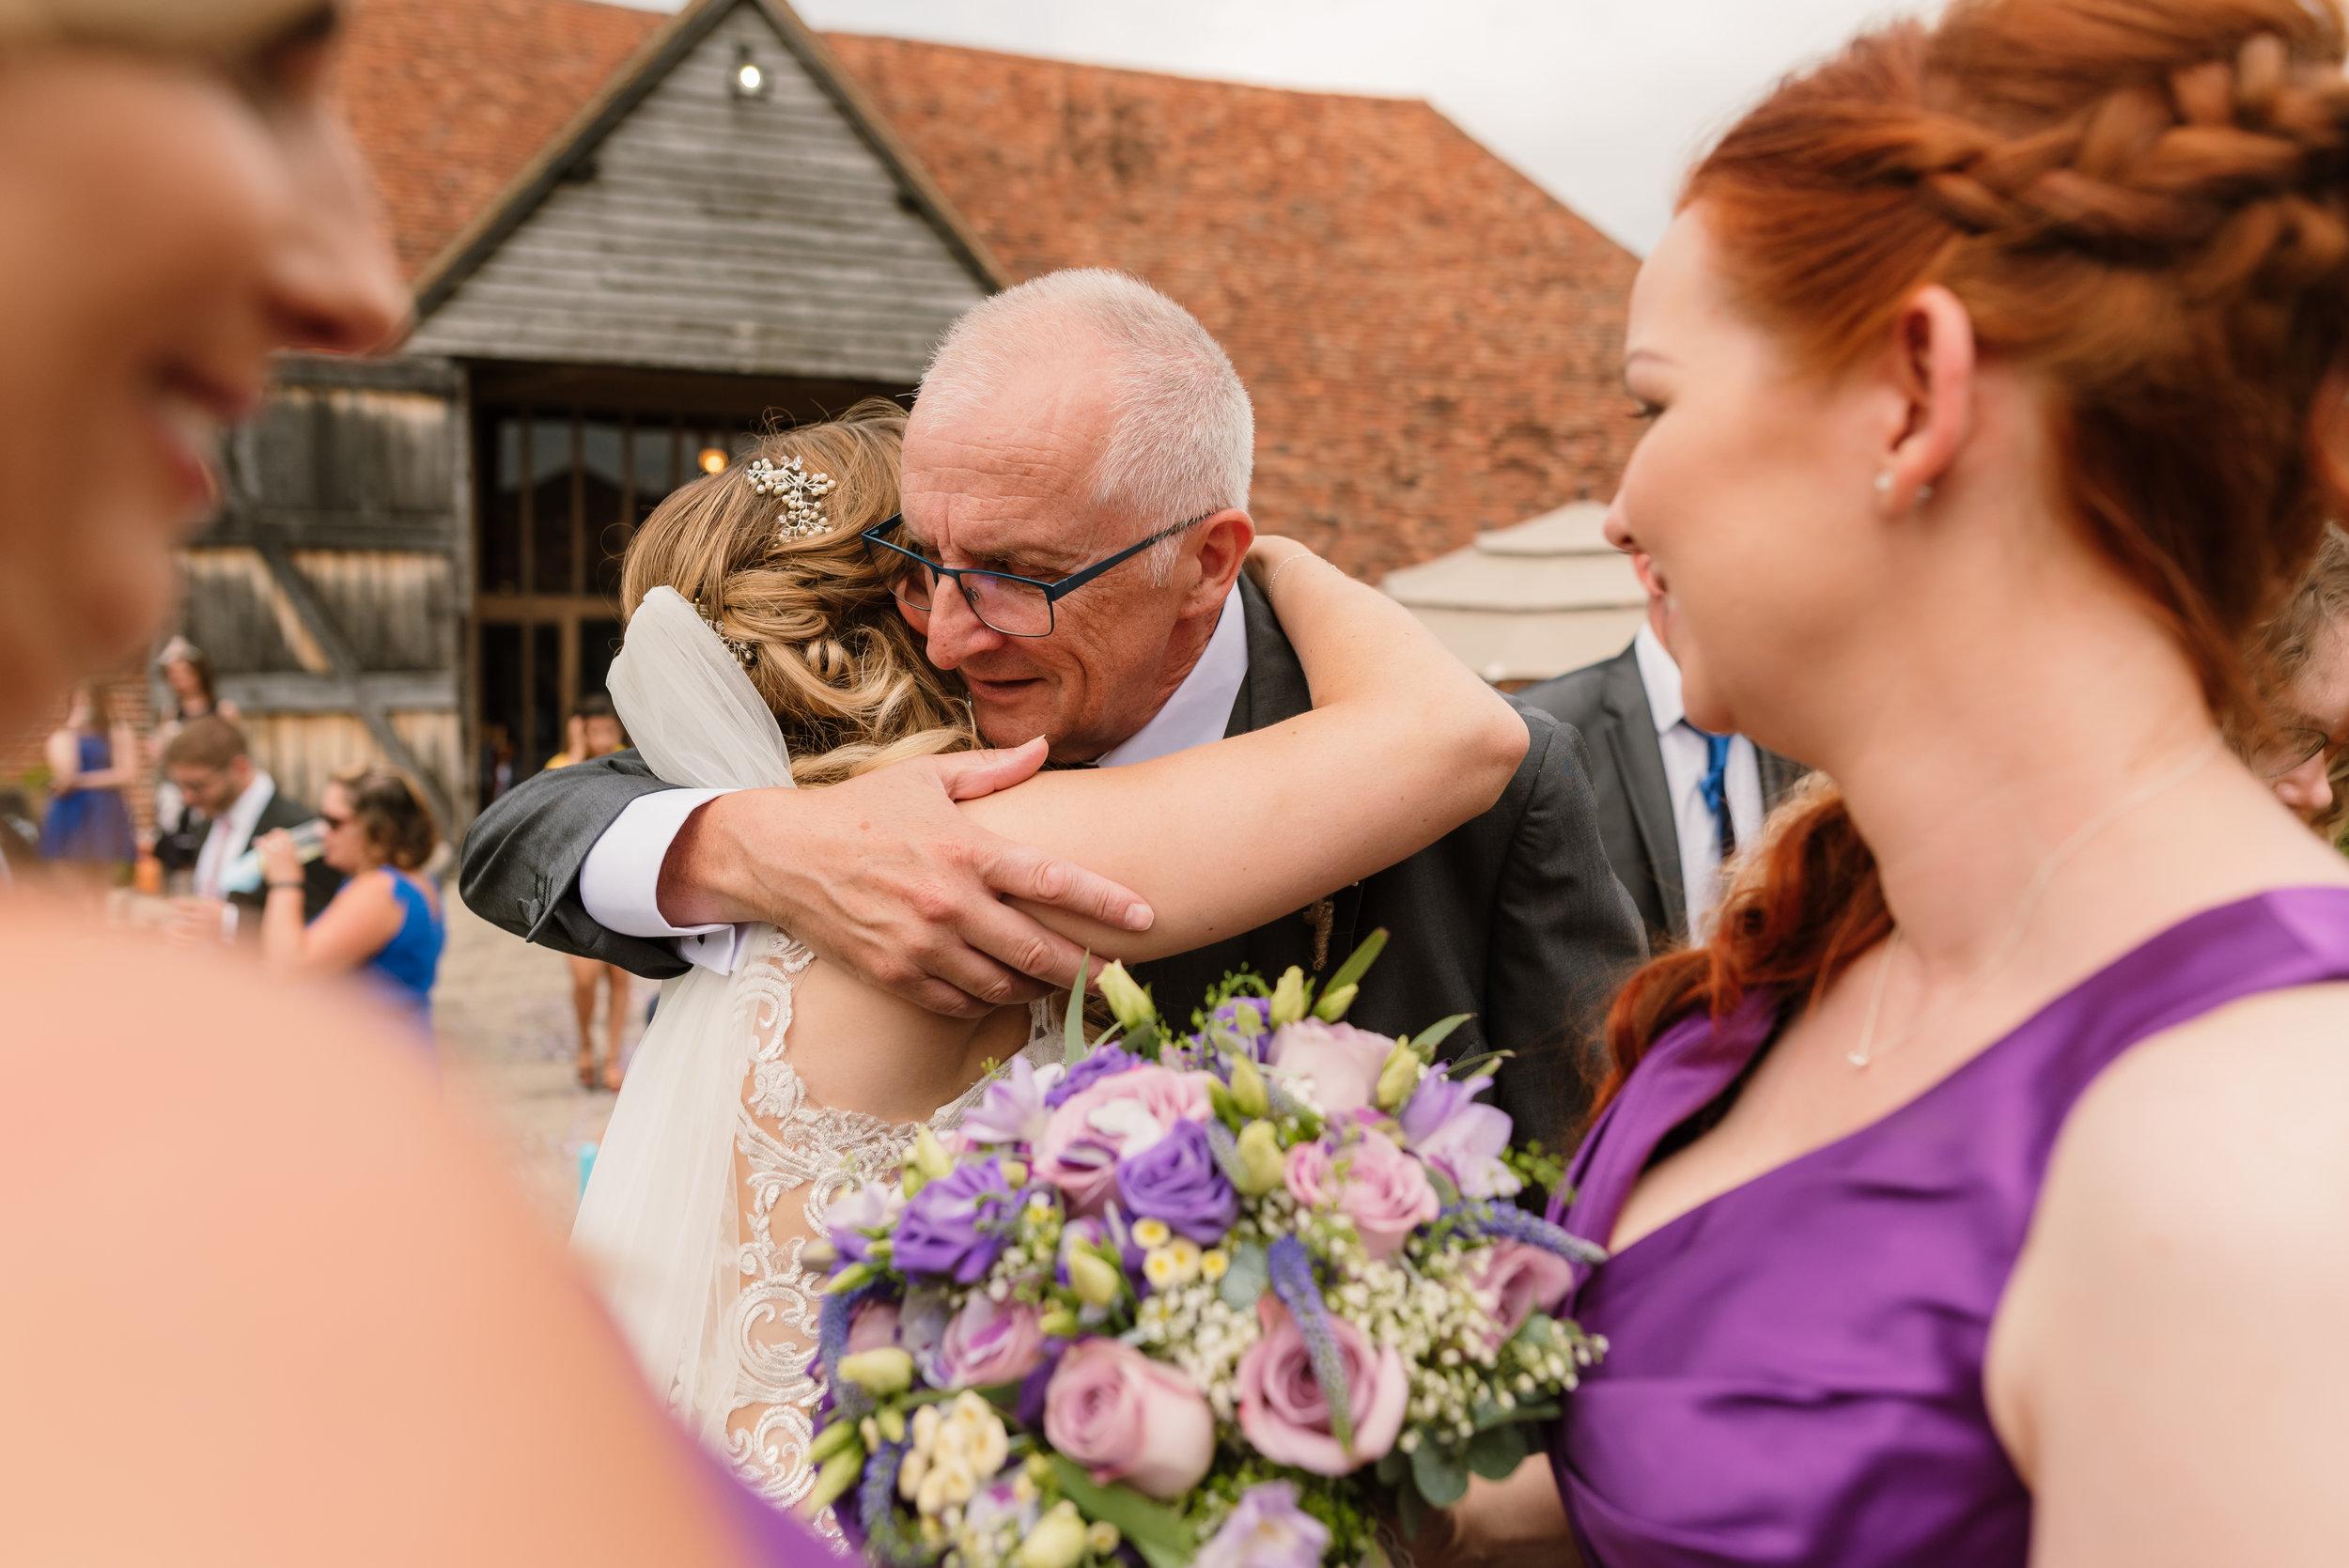 Hampshire Wedding Photographer Hampshire : Ufton-Court-Wedding : Barn-wedding-venue-hampshire : sarah-fishlock-photography : hampshire-barn-wedding-630.jpg